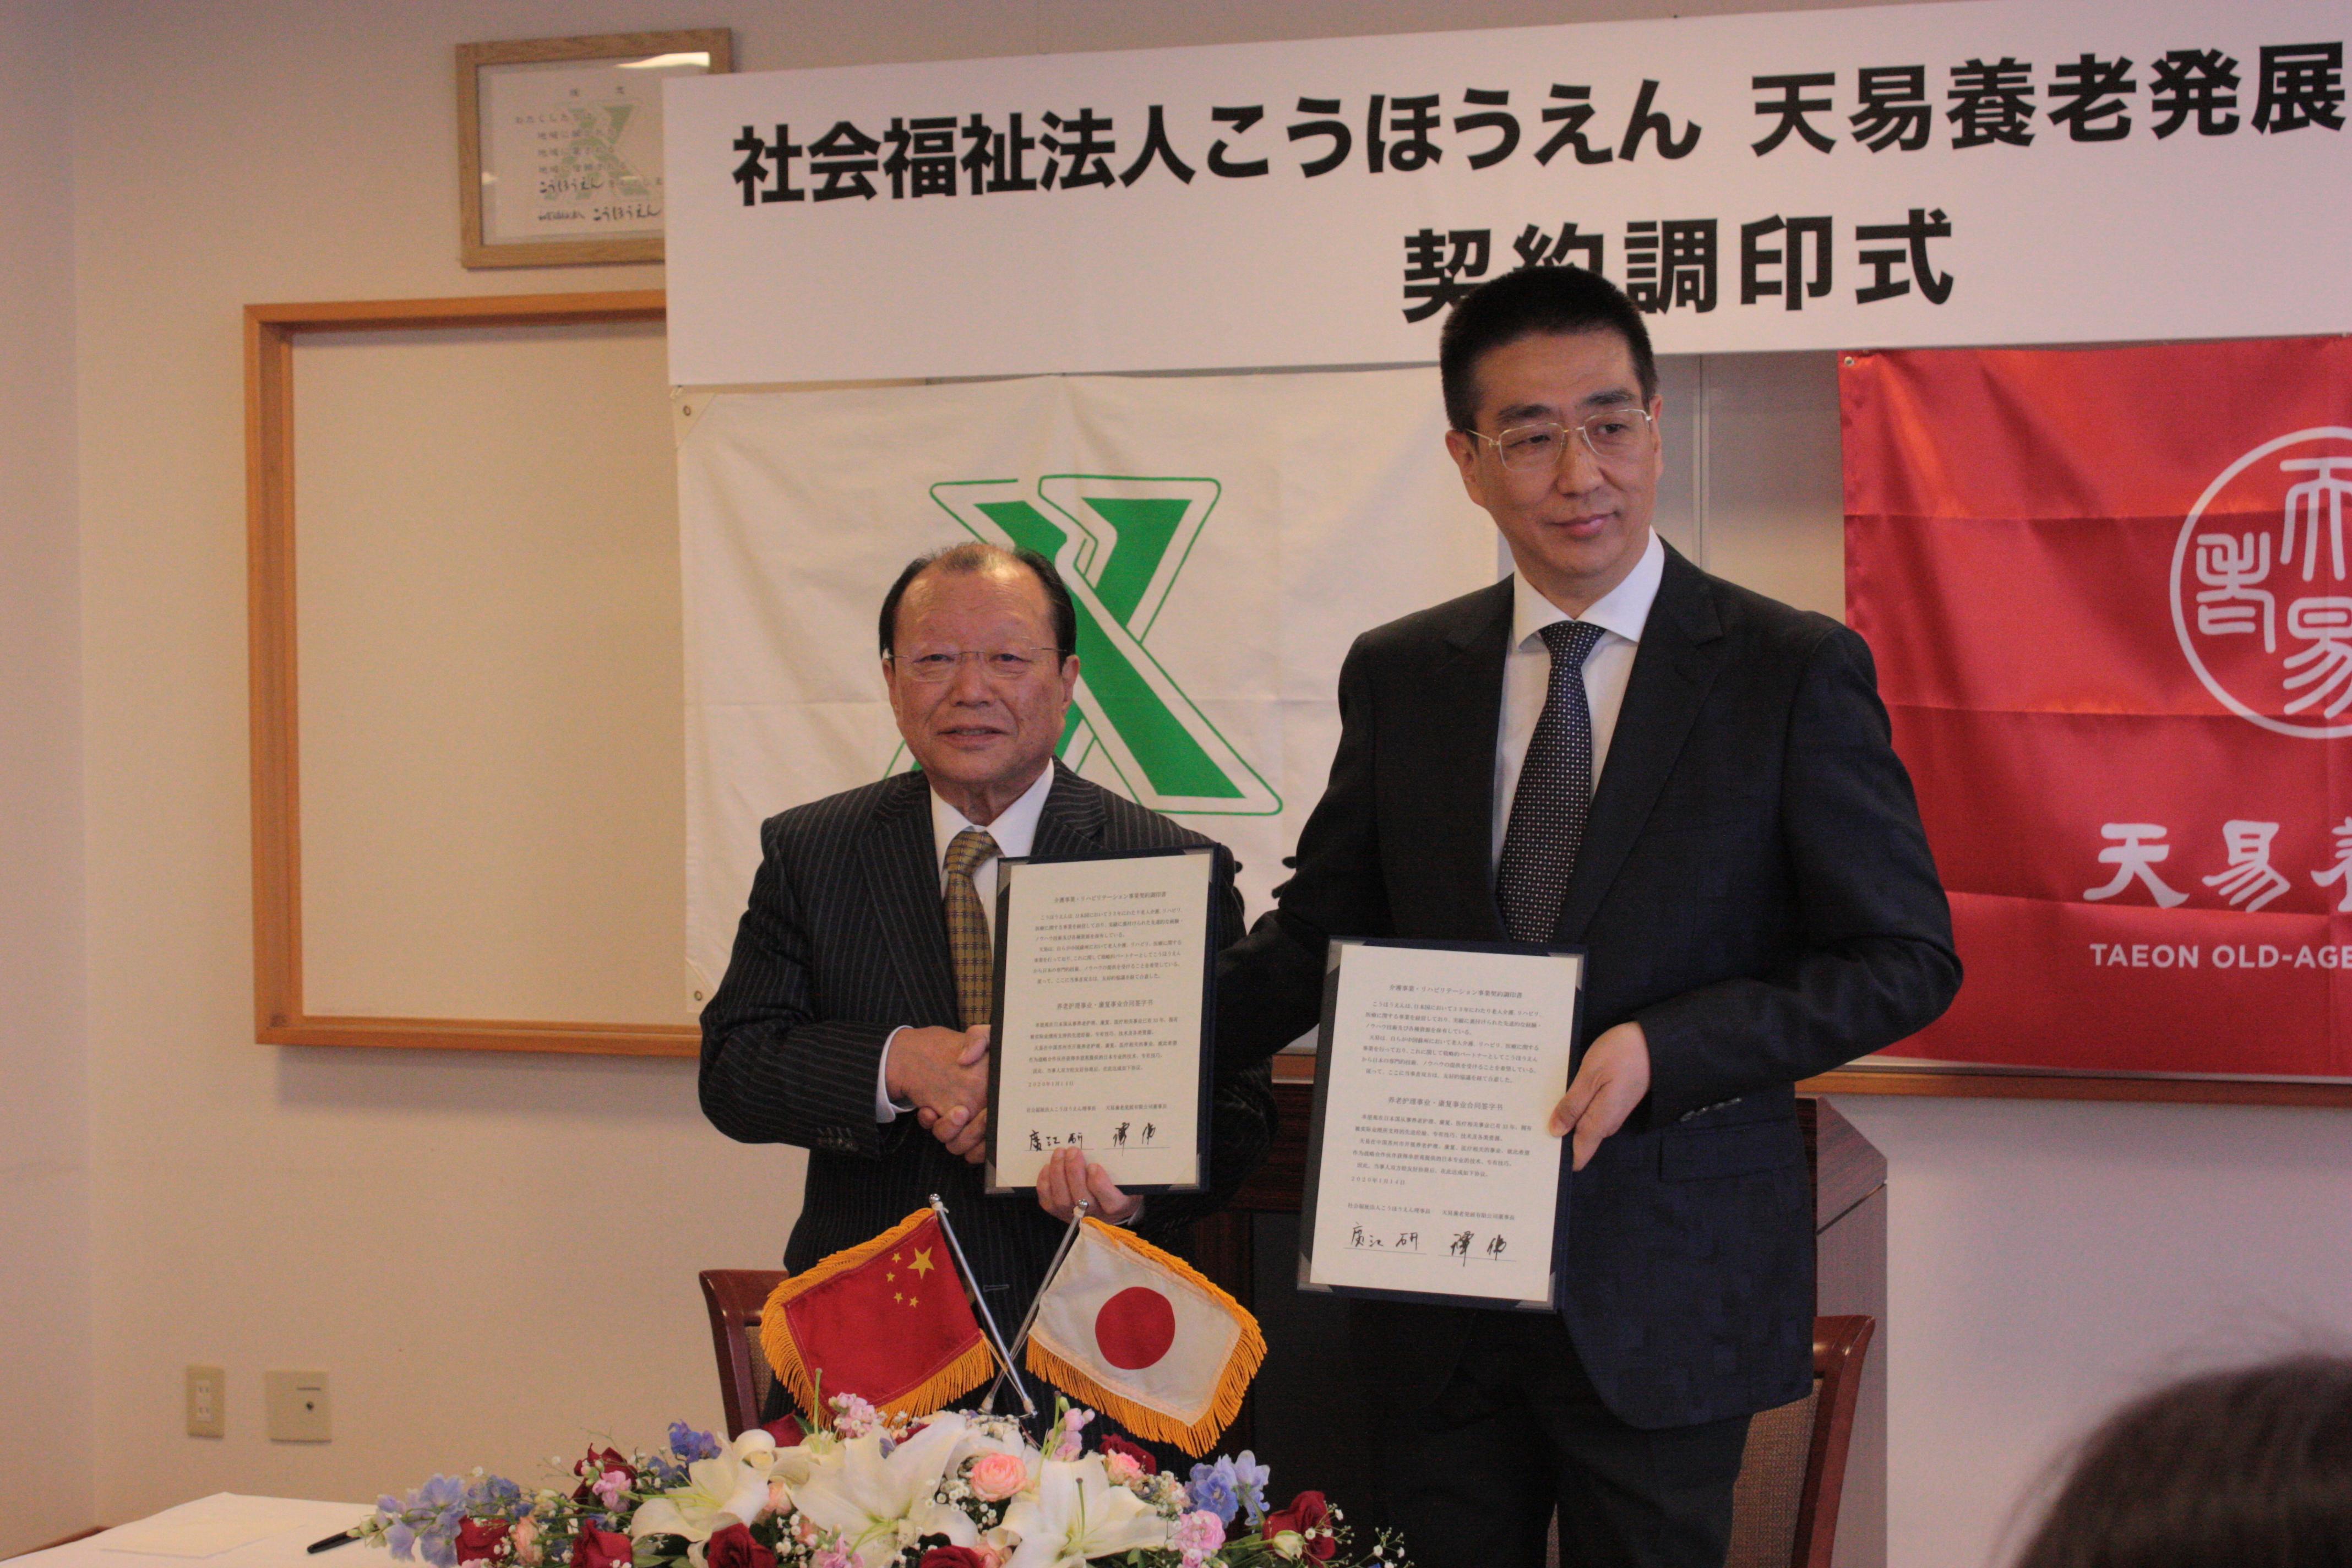 天易養老発展有限公司(中国)との調印式